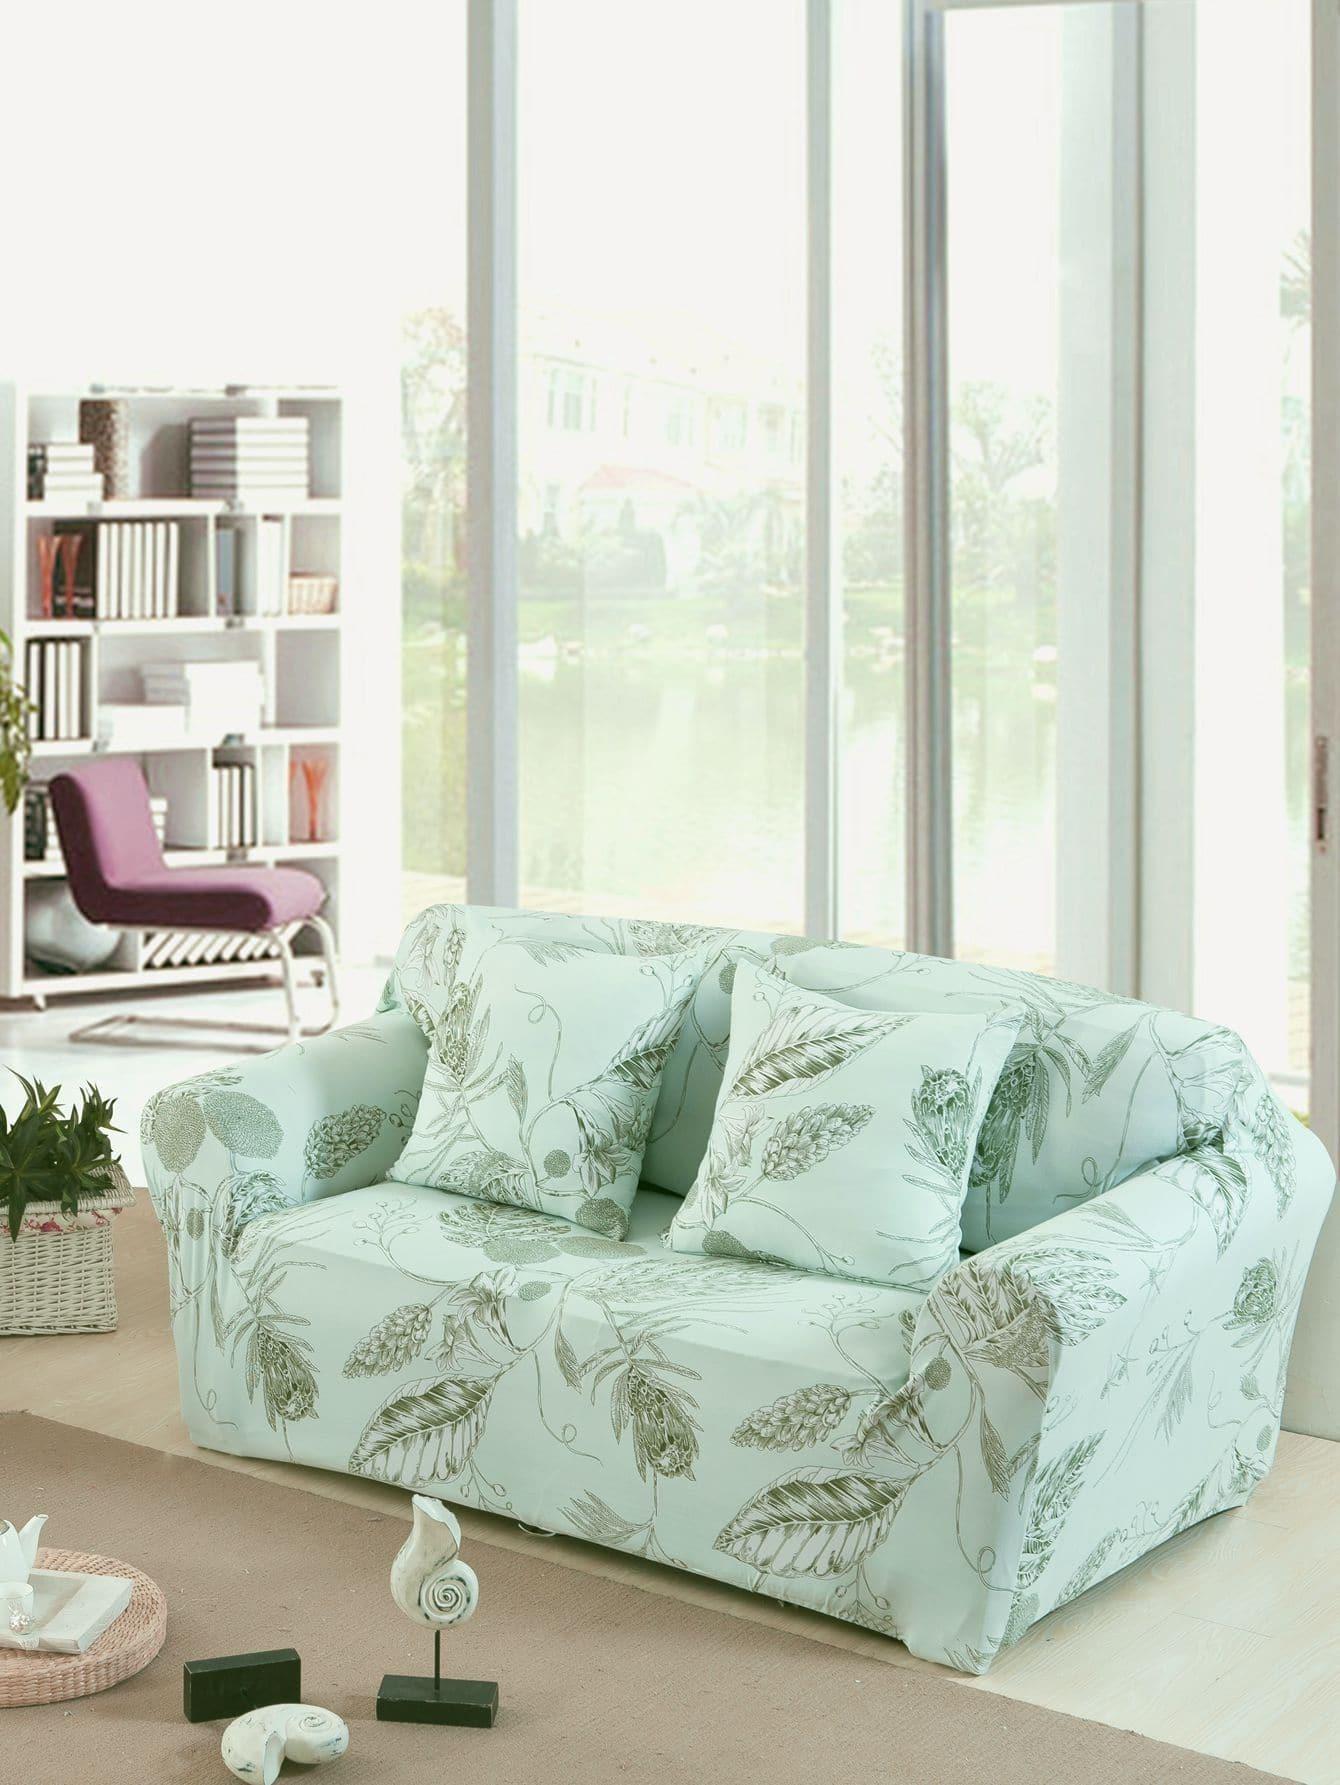 Купить Эластичный чехол для дивана с рисунками растений и чехол для подушки 1 шт, null, SheIn